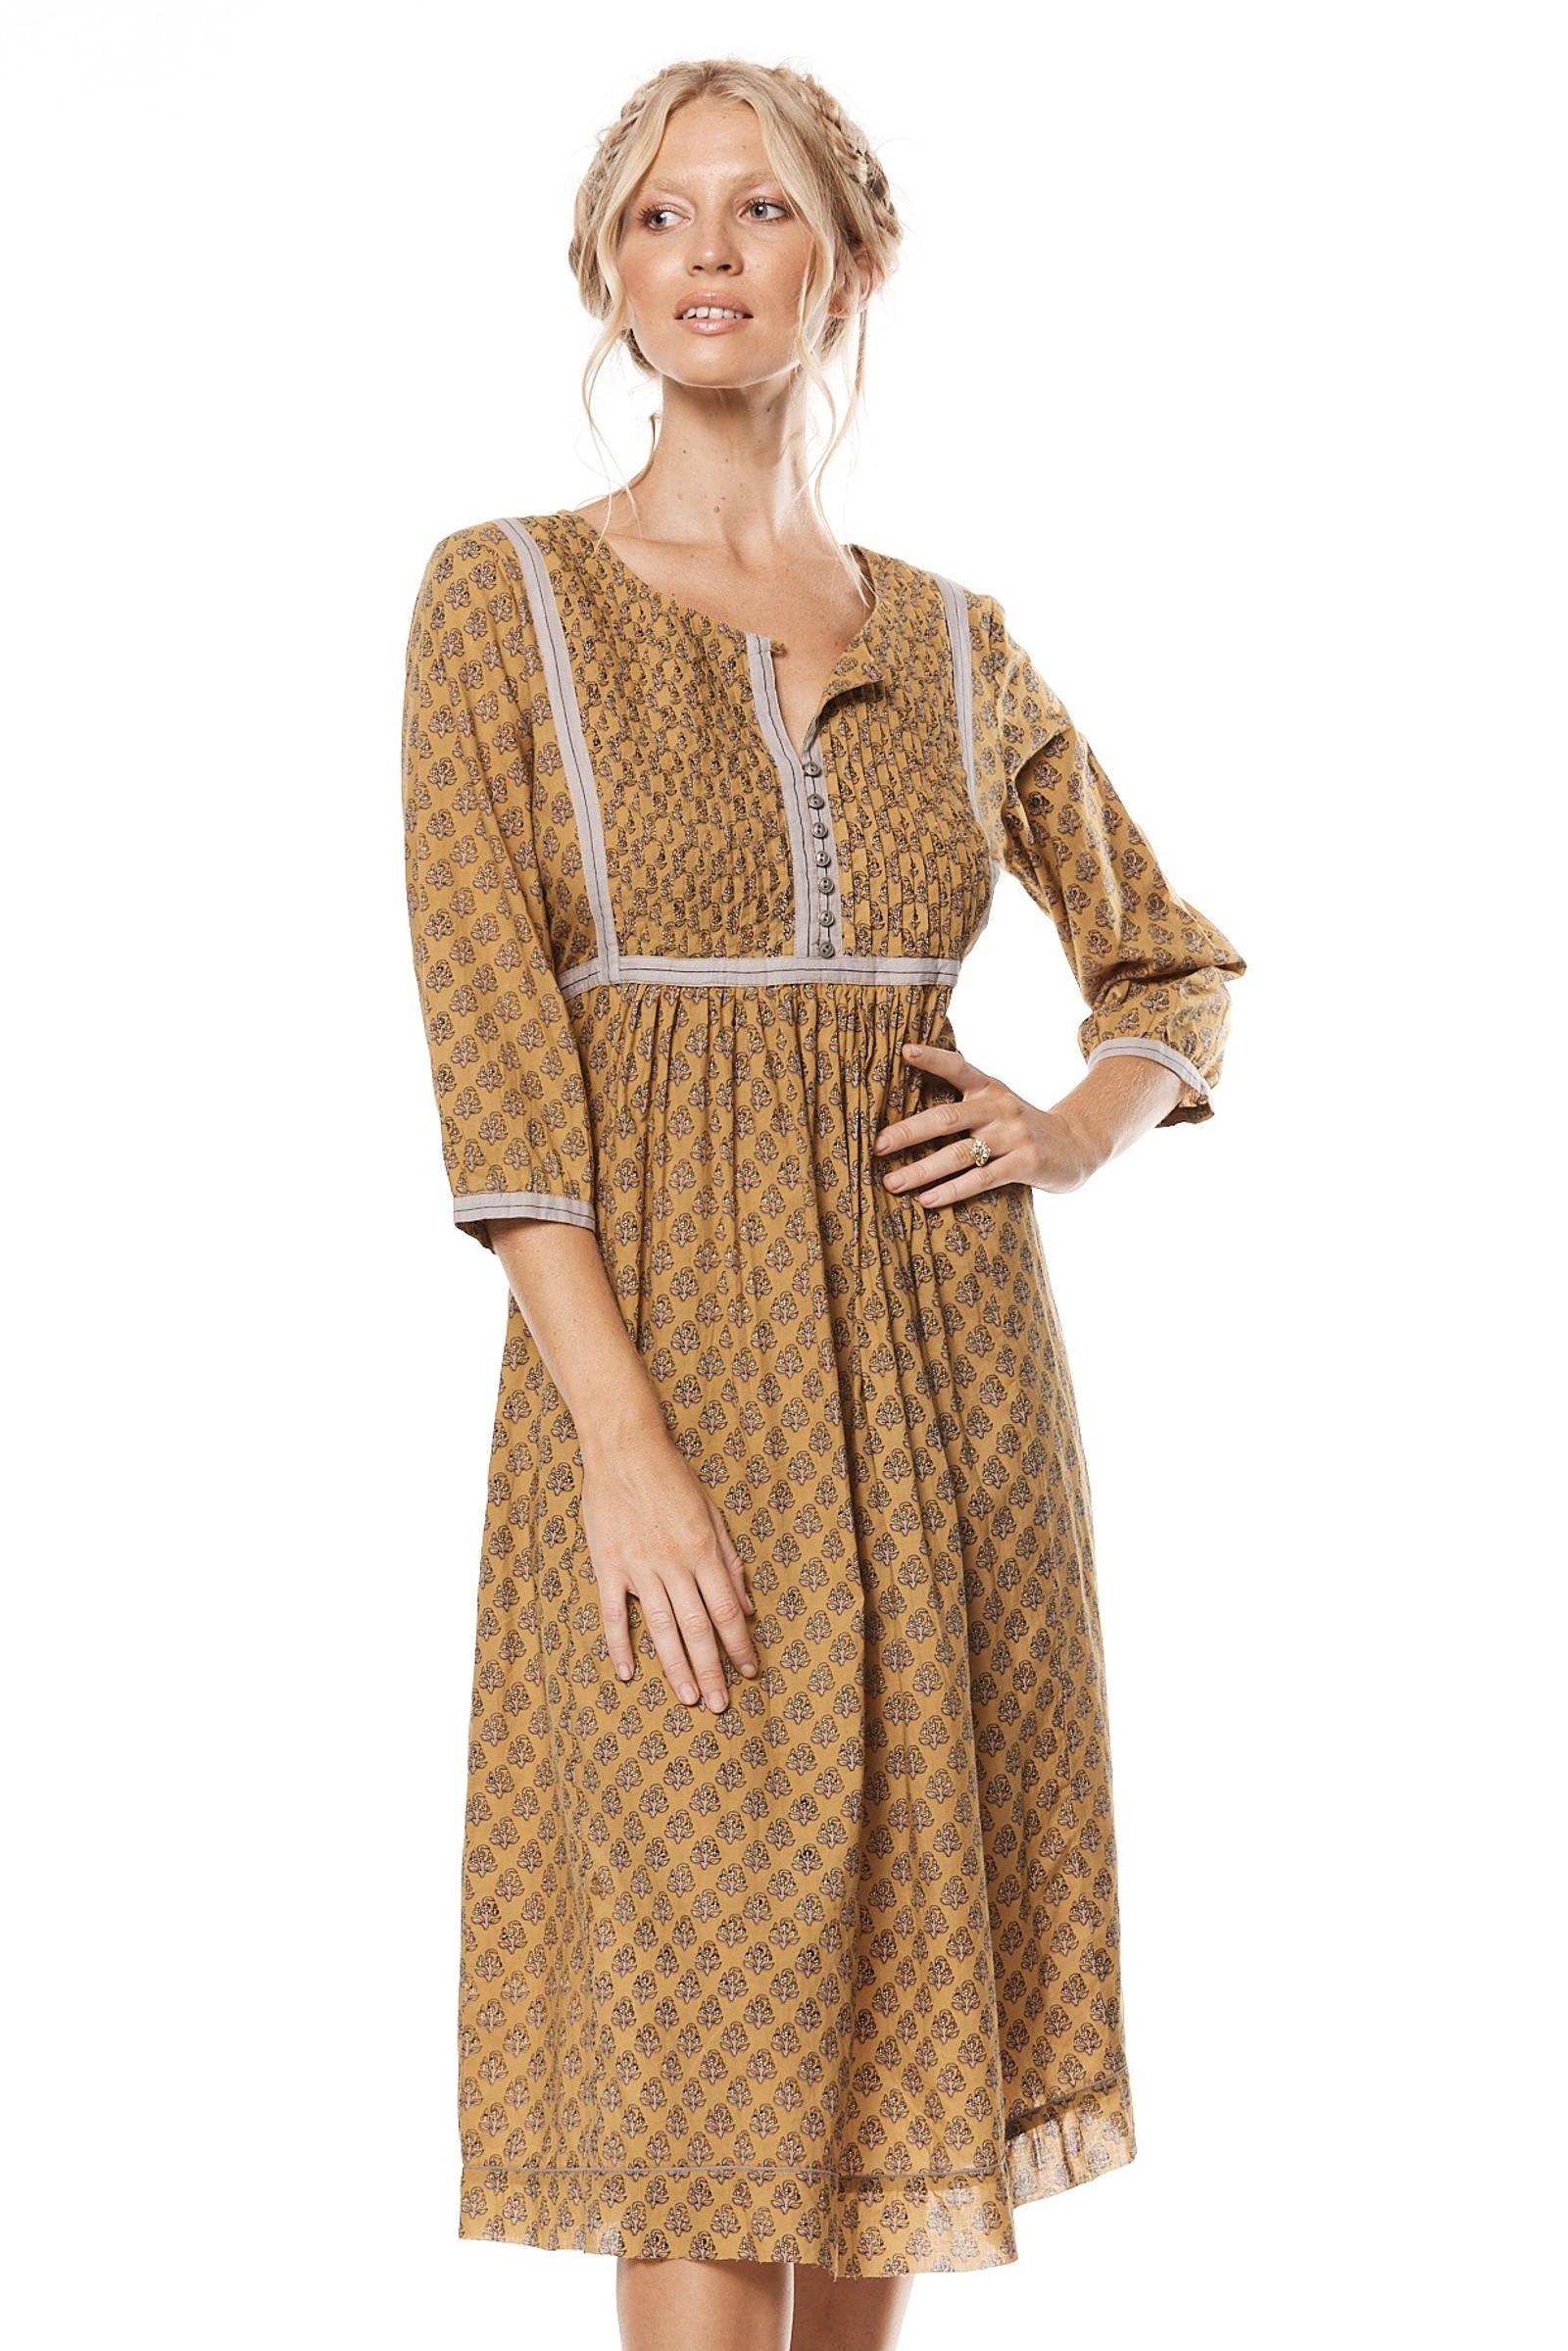 Mahi Dress - Turmeric